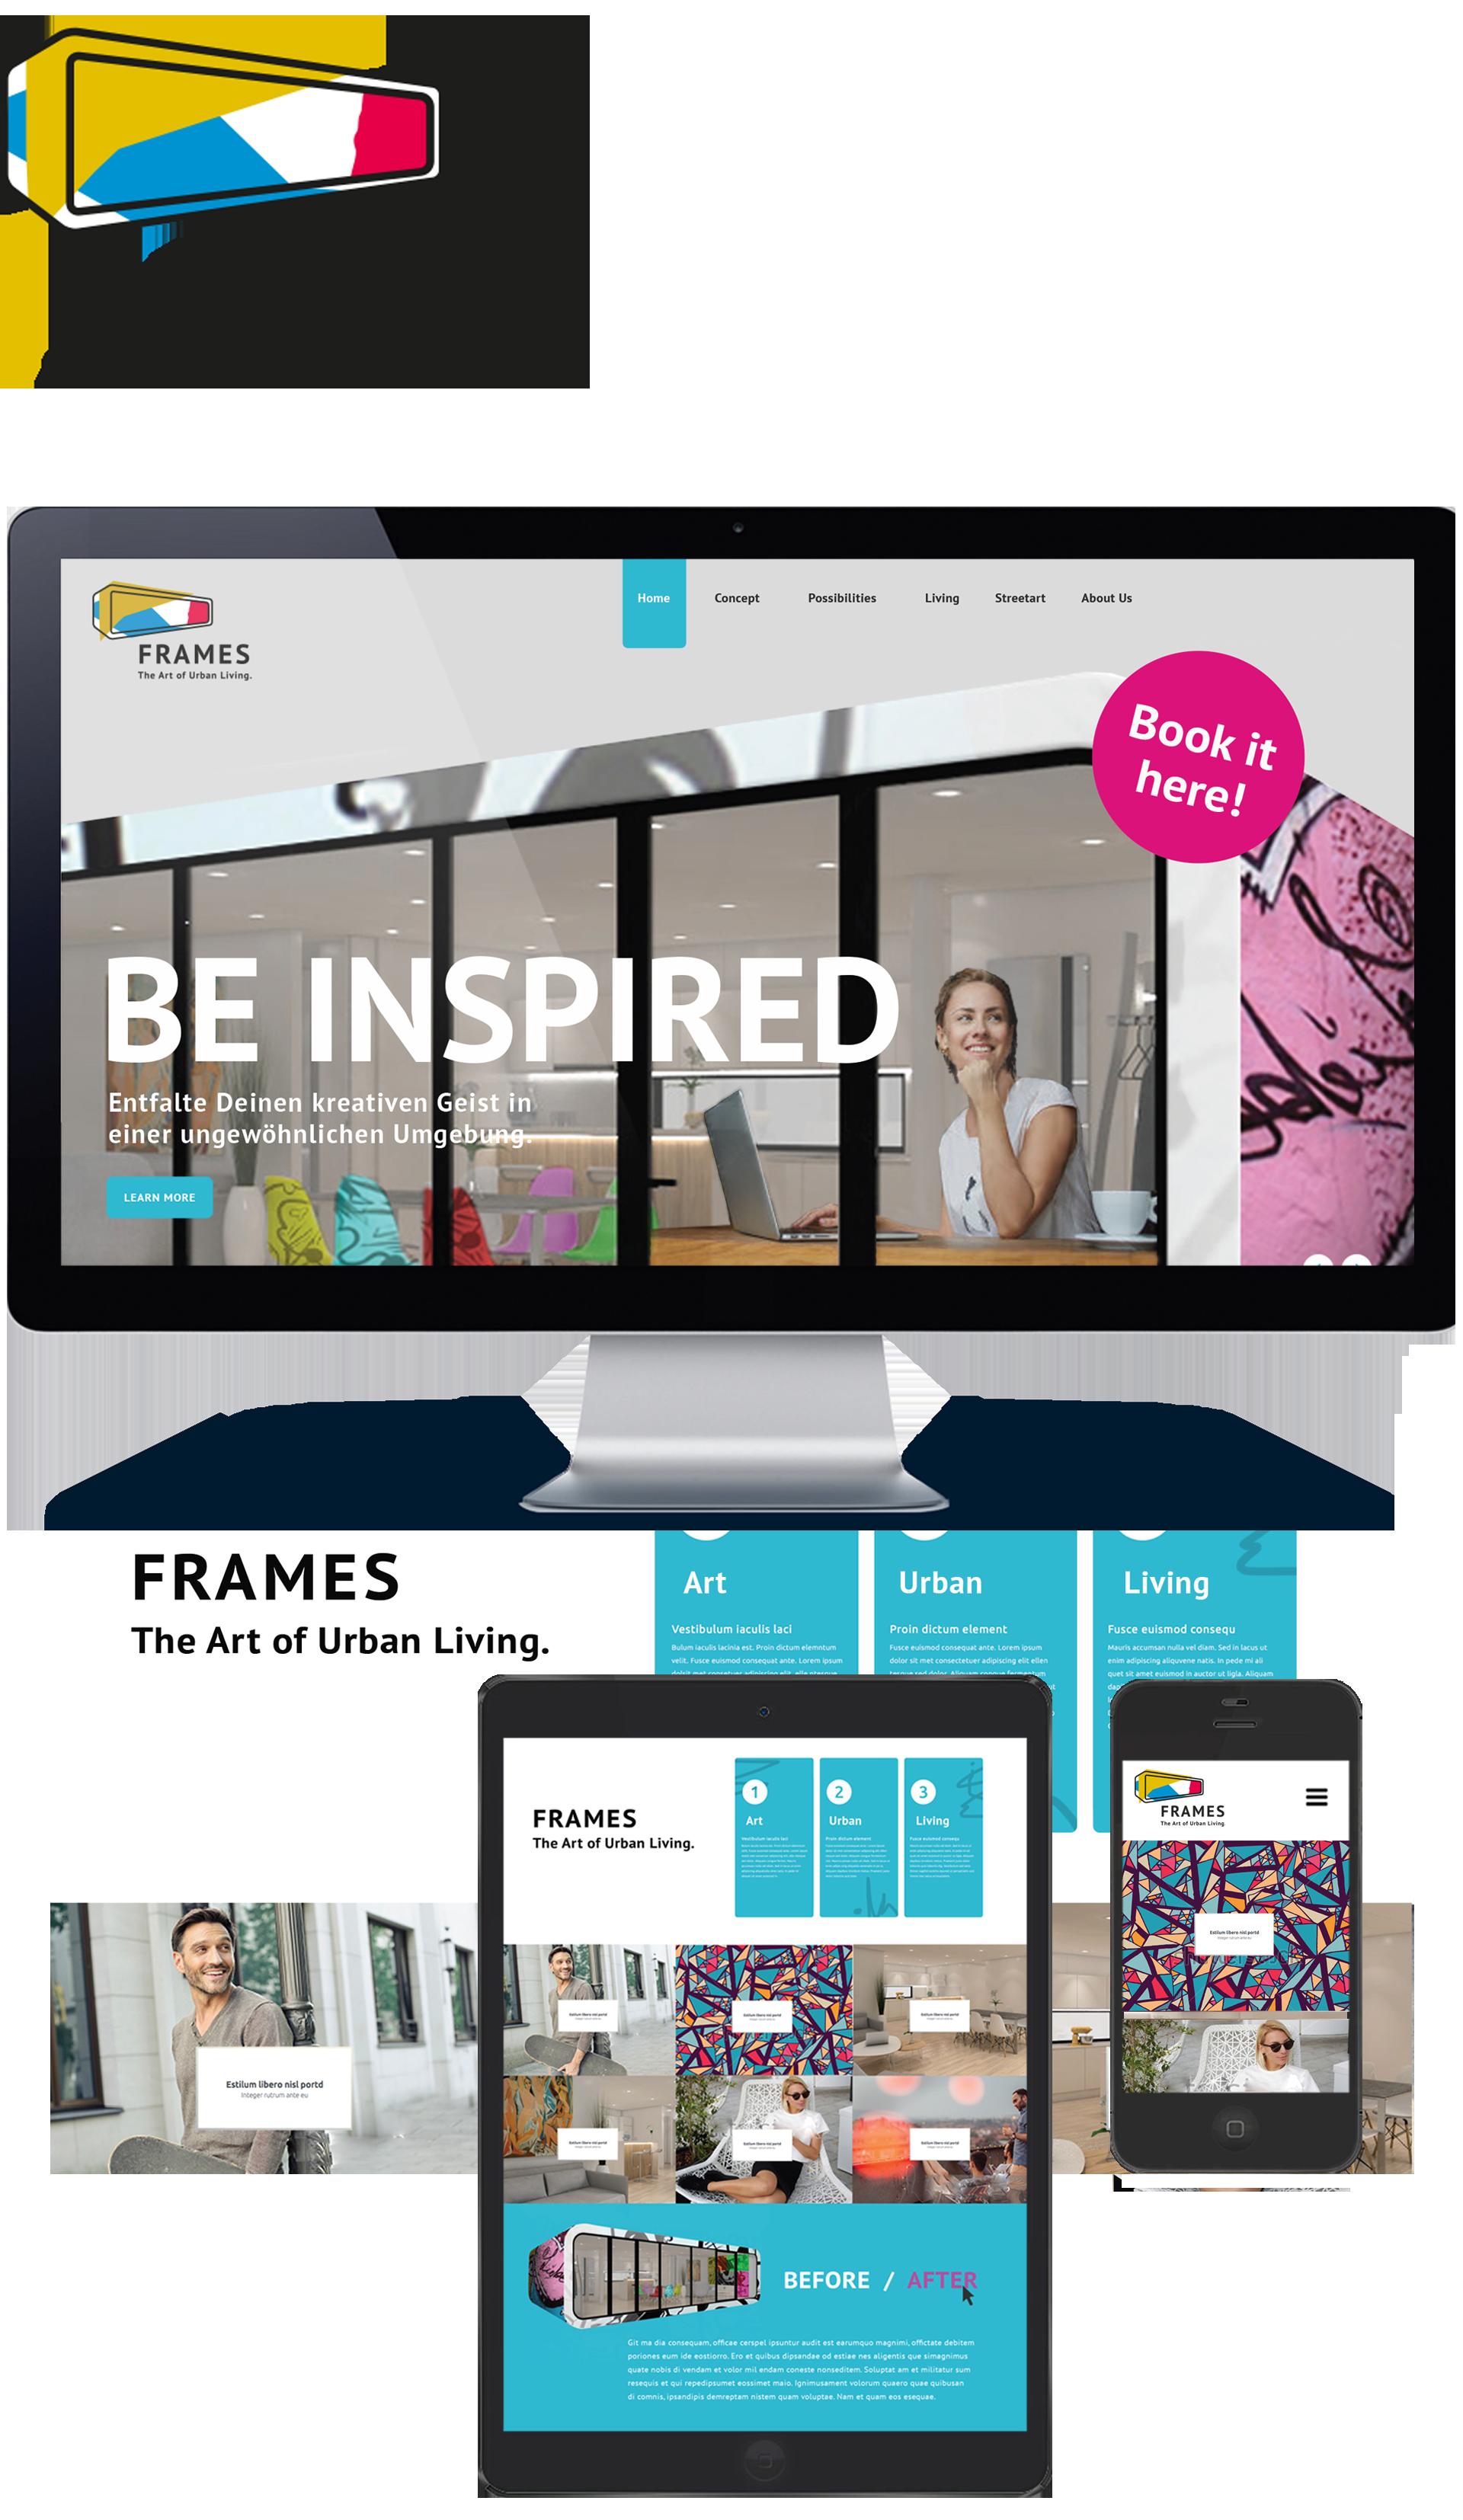 Frames Webseite 2017